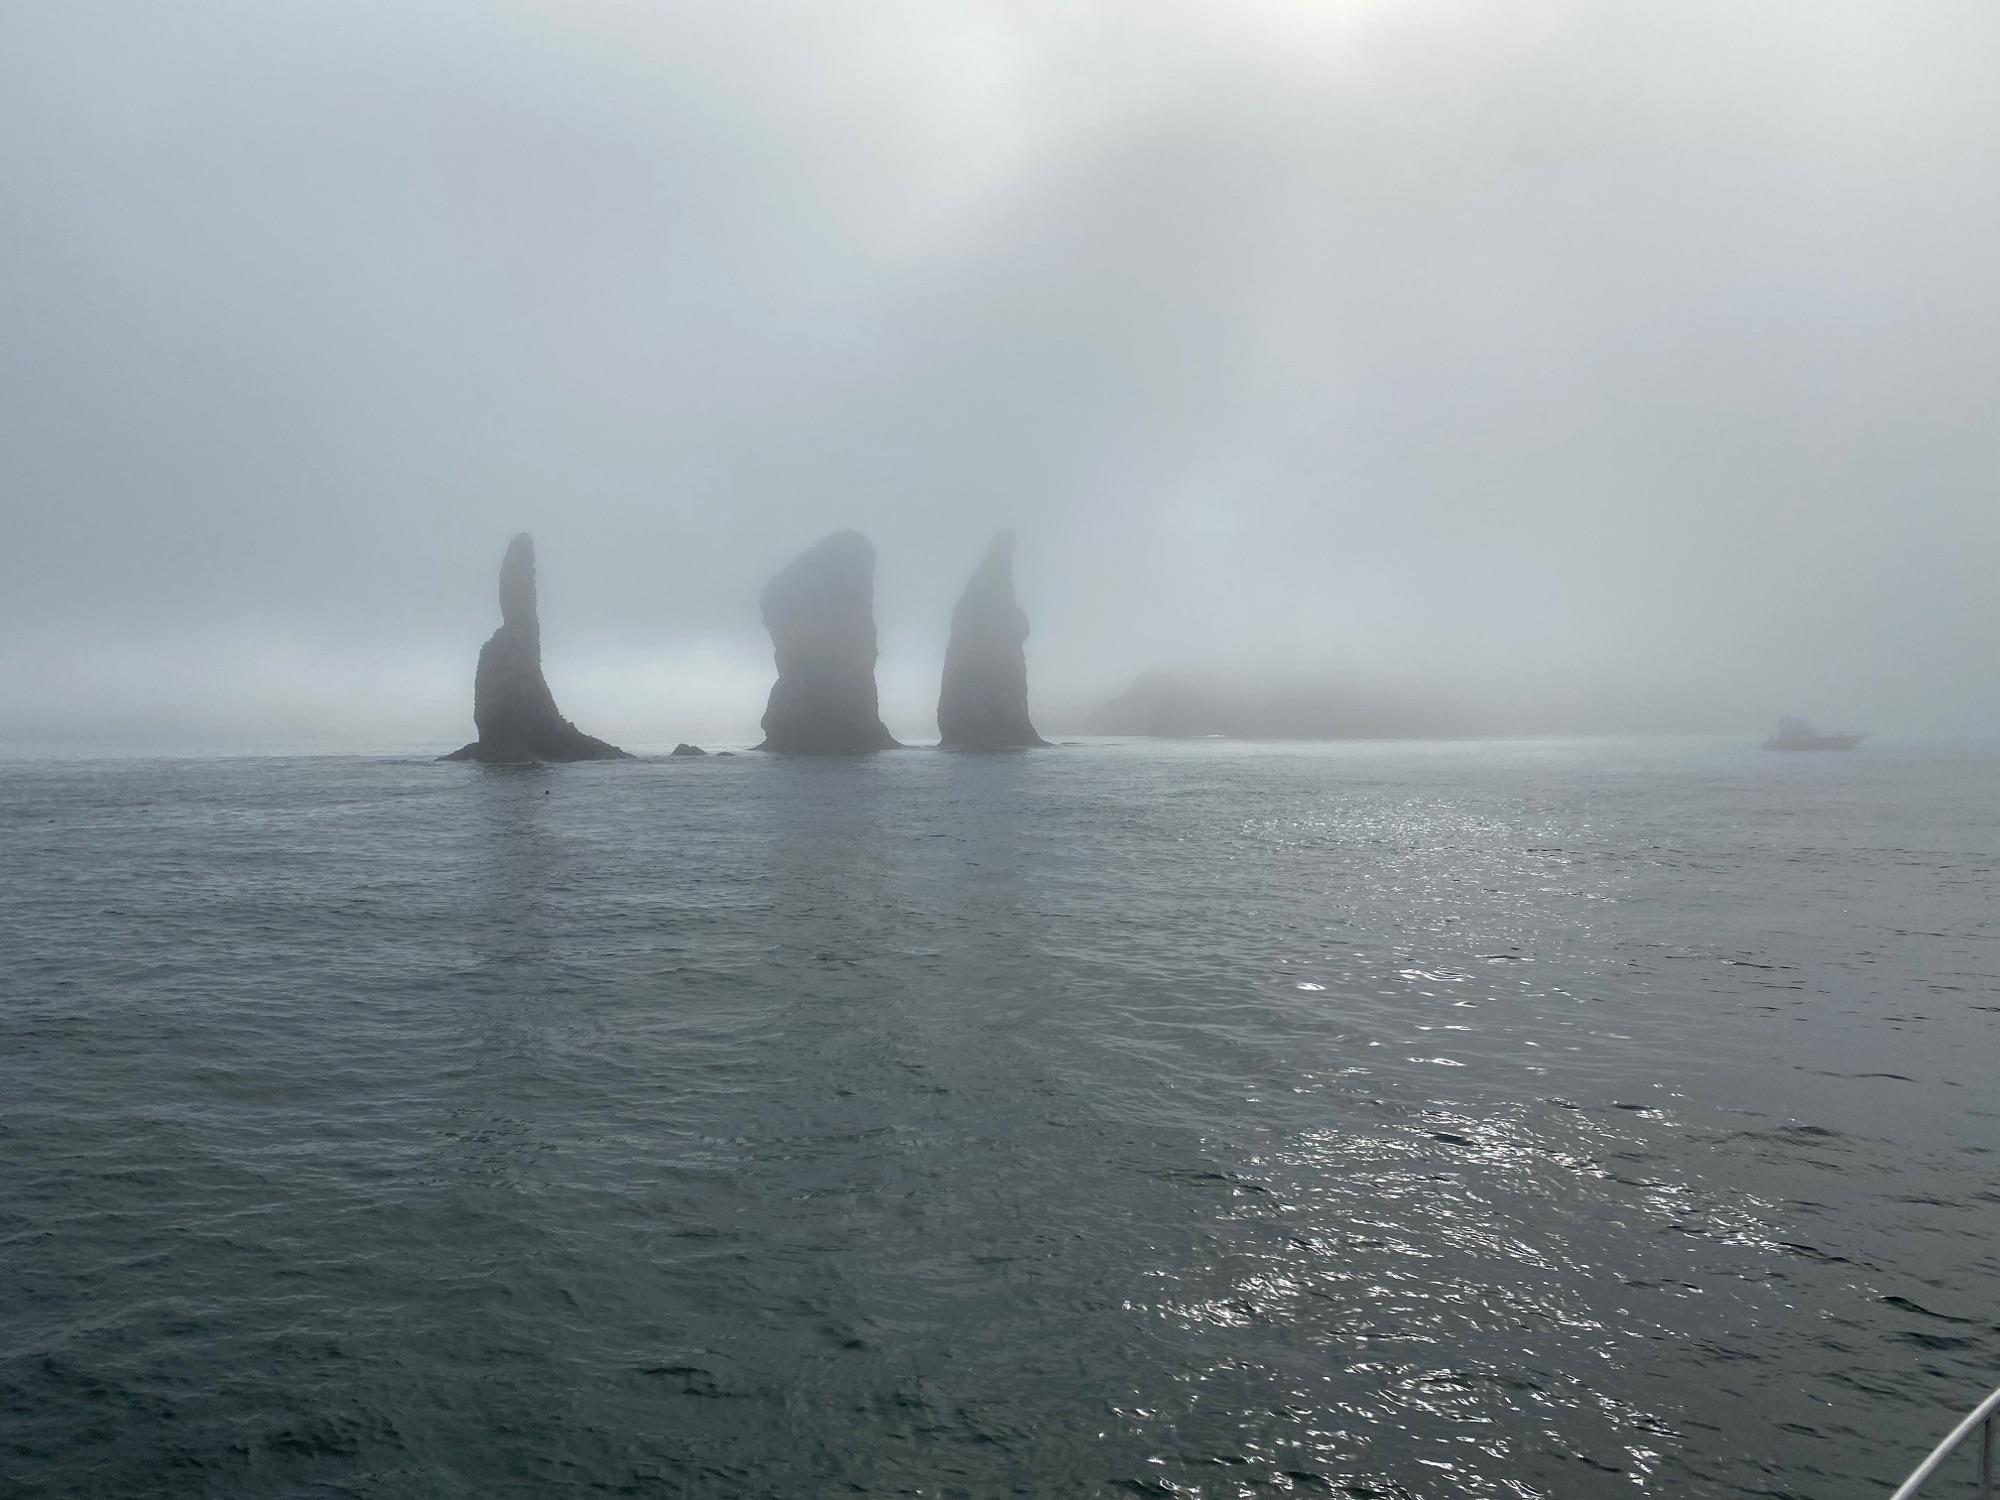 В океане поначалу стоял жуткий туман. Видимость стремилась к нулю. Мы уже успели поржать, что если мы одиннадцать часов будем болтаться в этом молоке, то это будет так себе поездочка